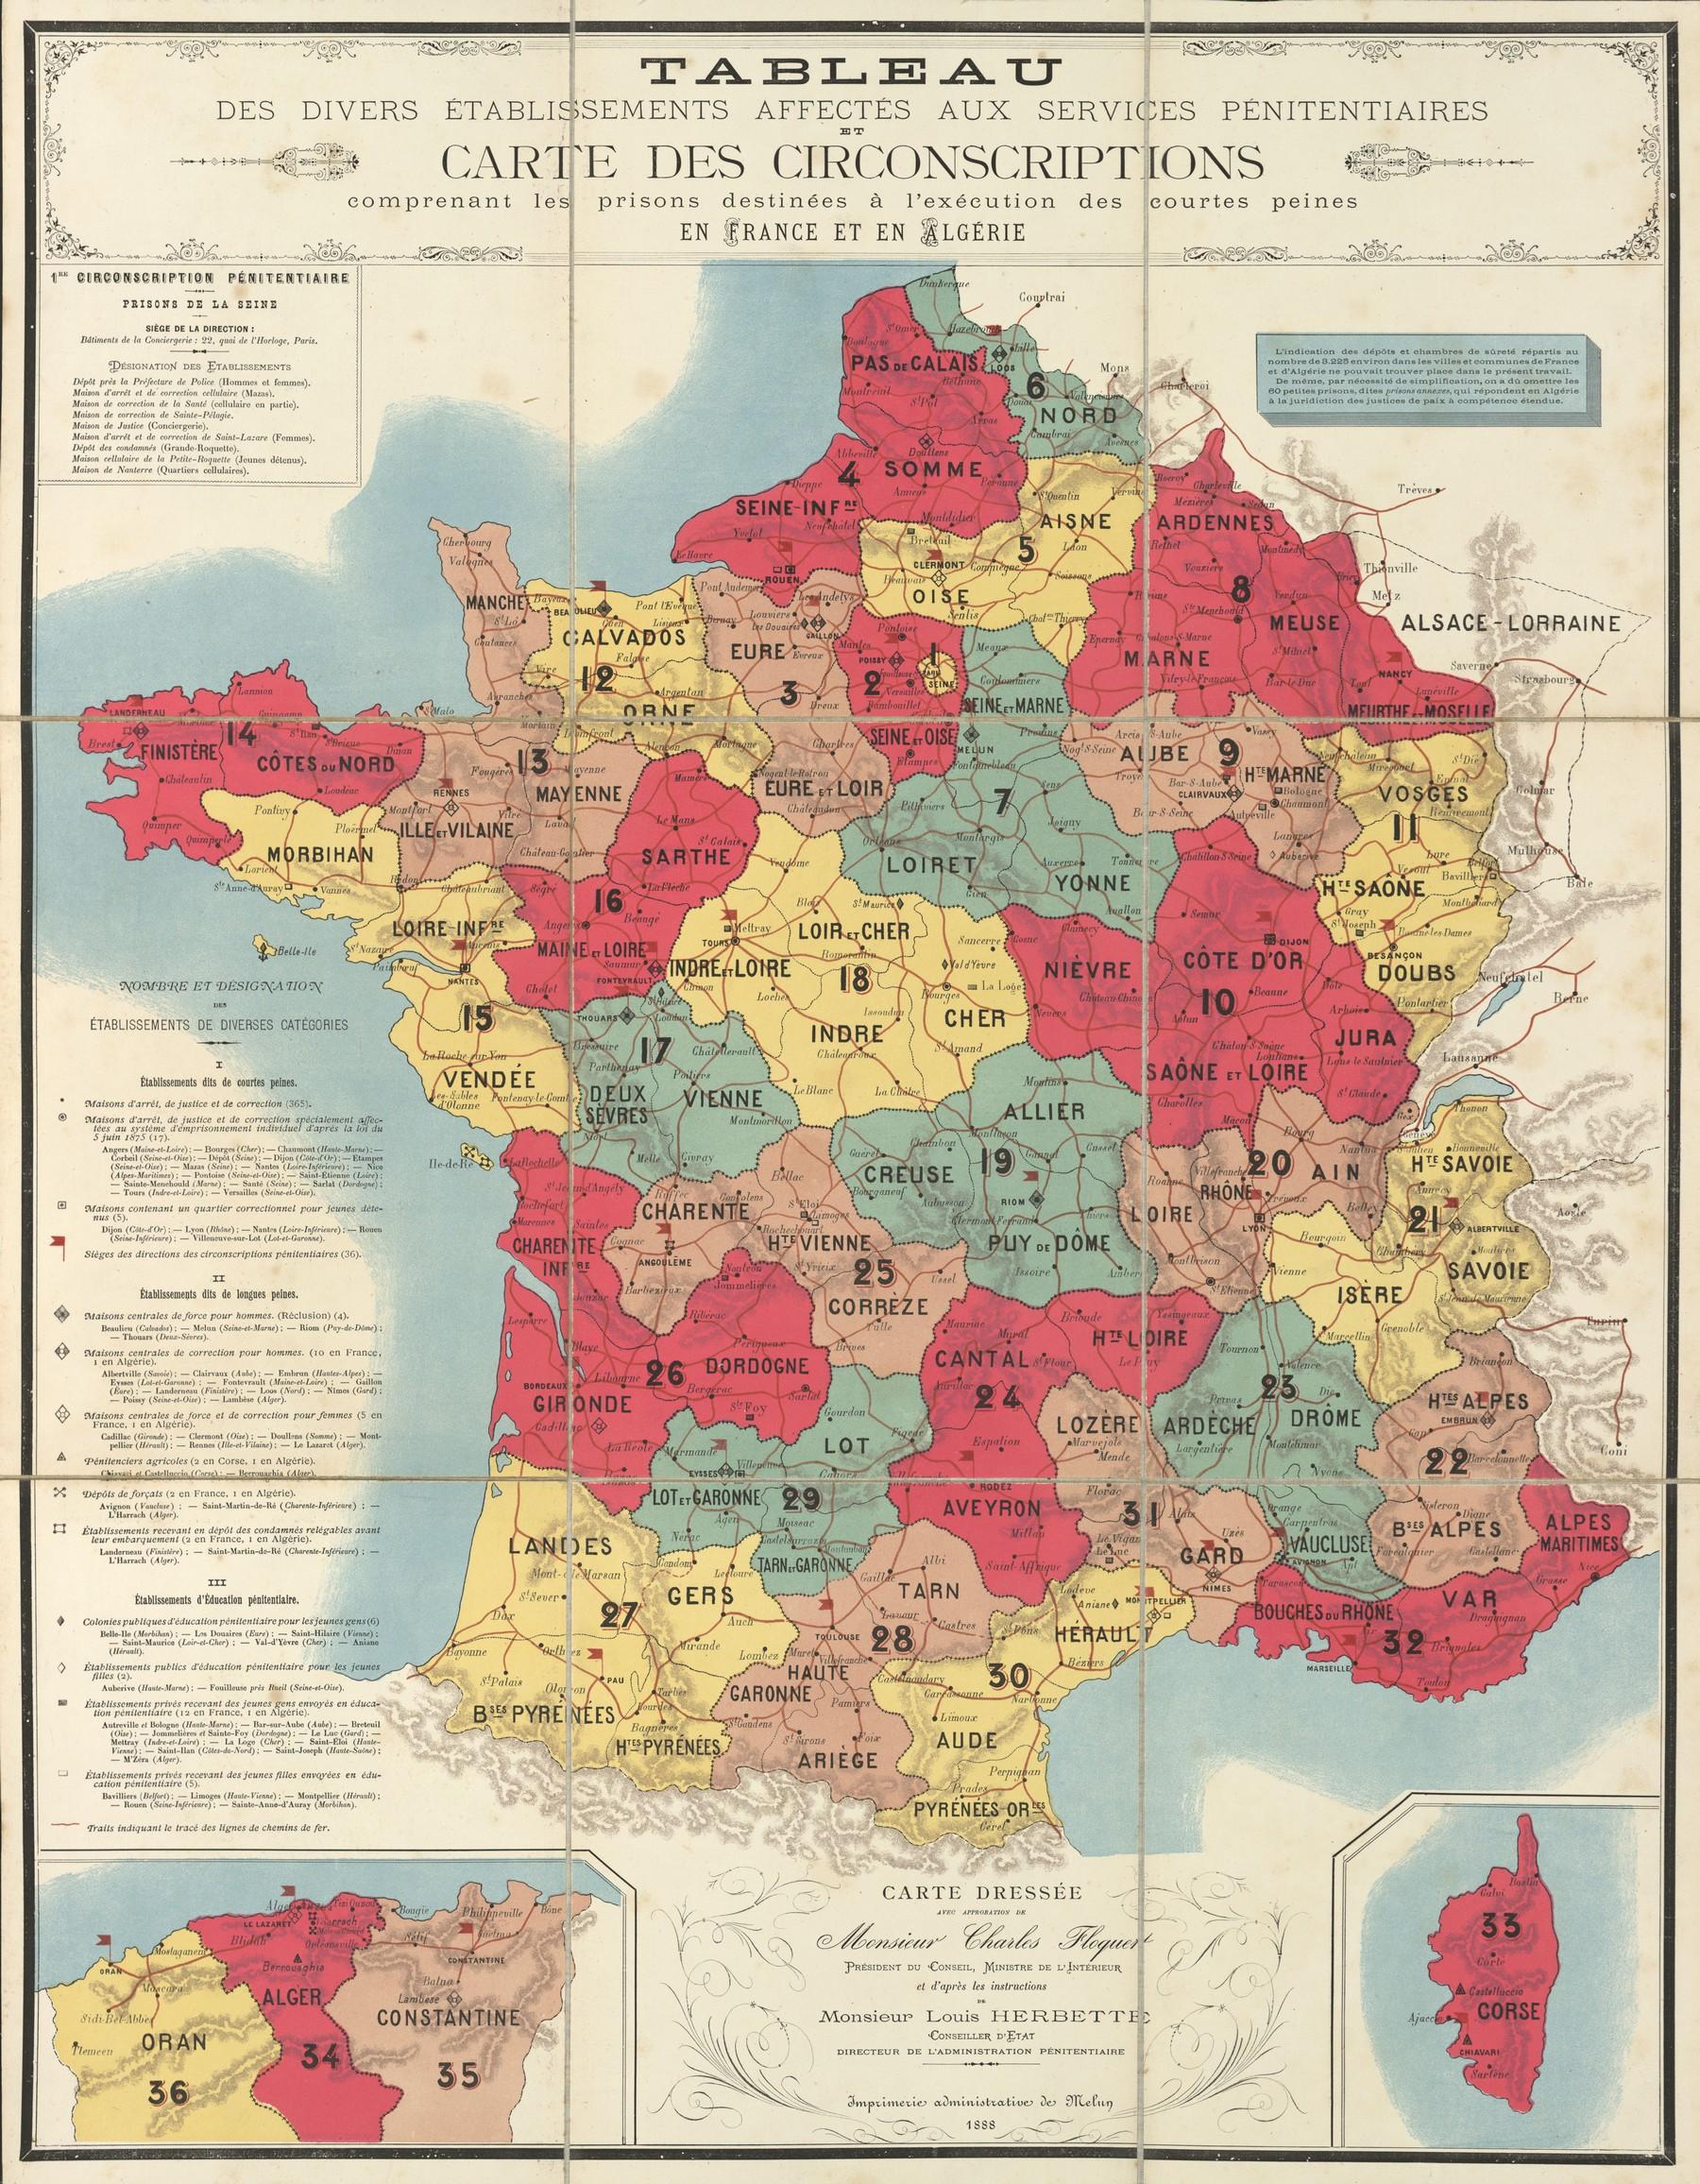 prison system map carte des circonscriptions pnitentiaires 1888